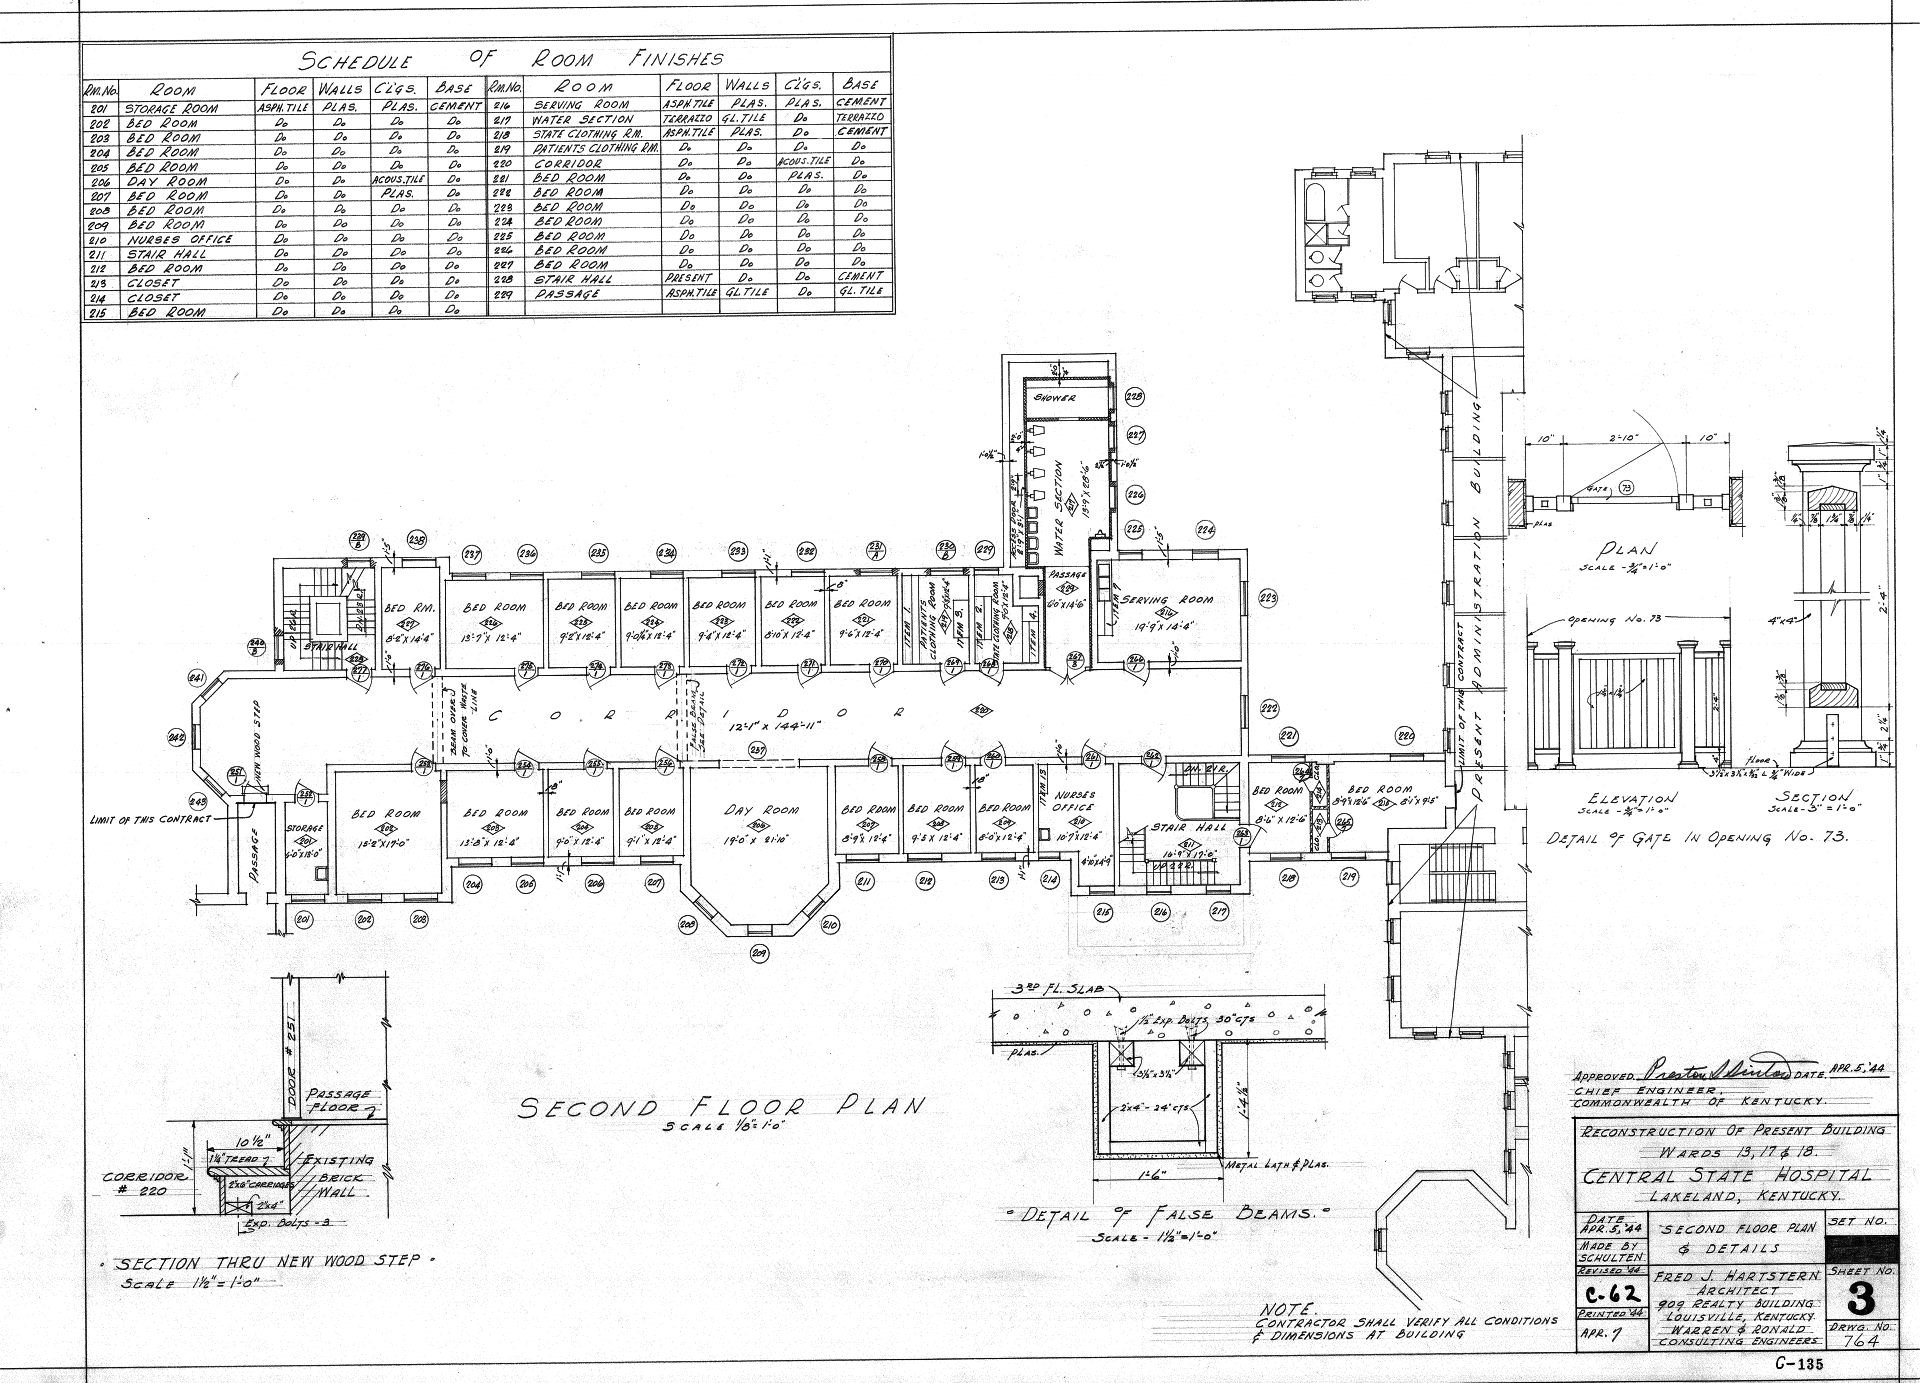 1944-second-floor